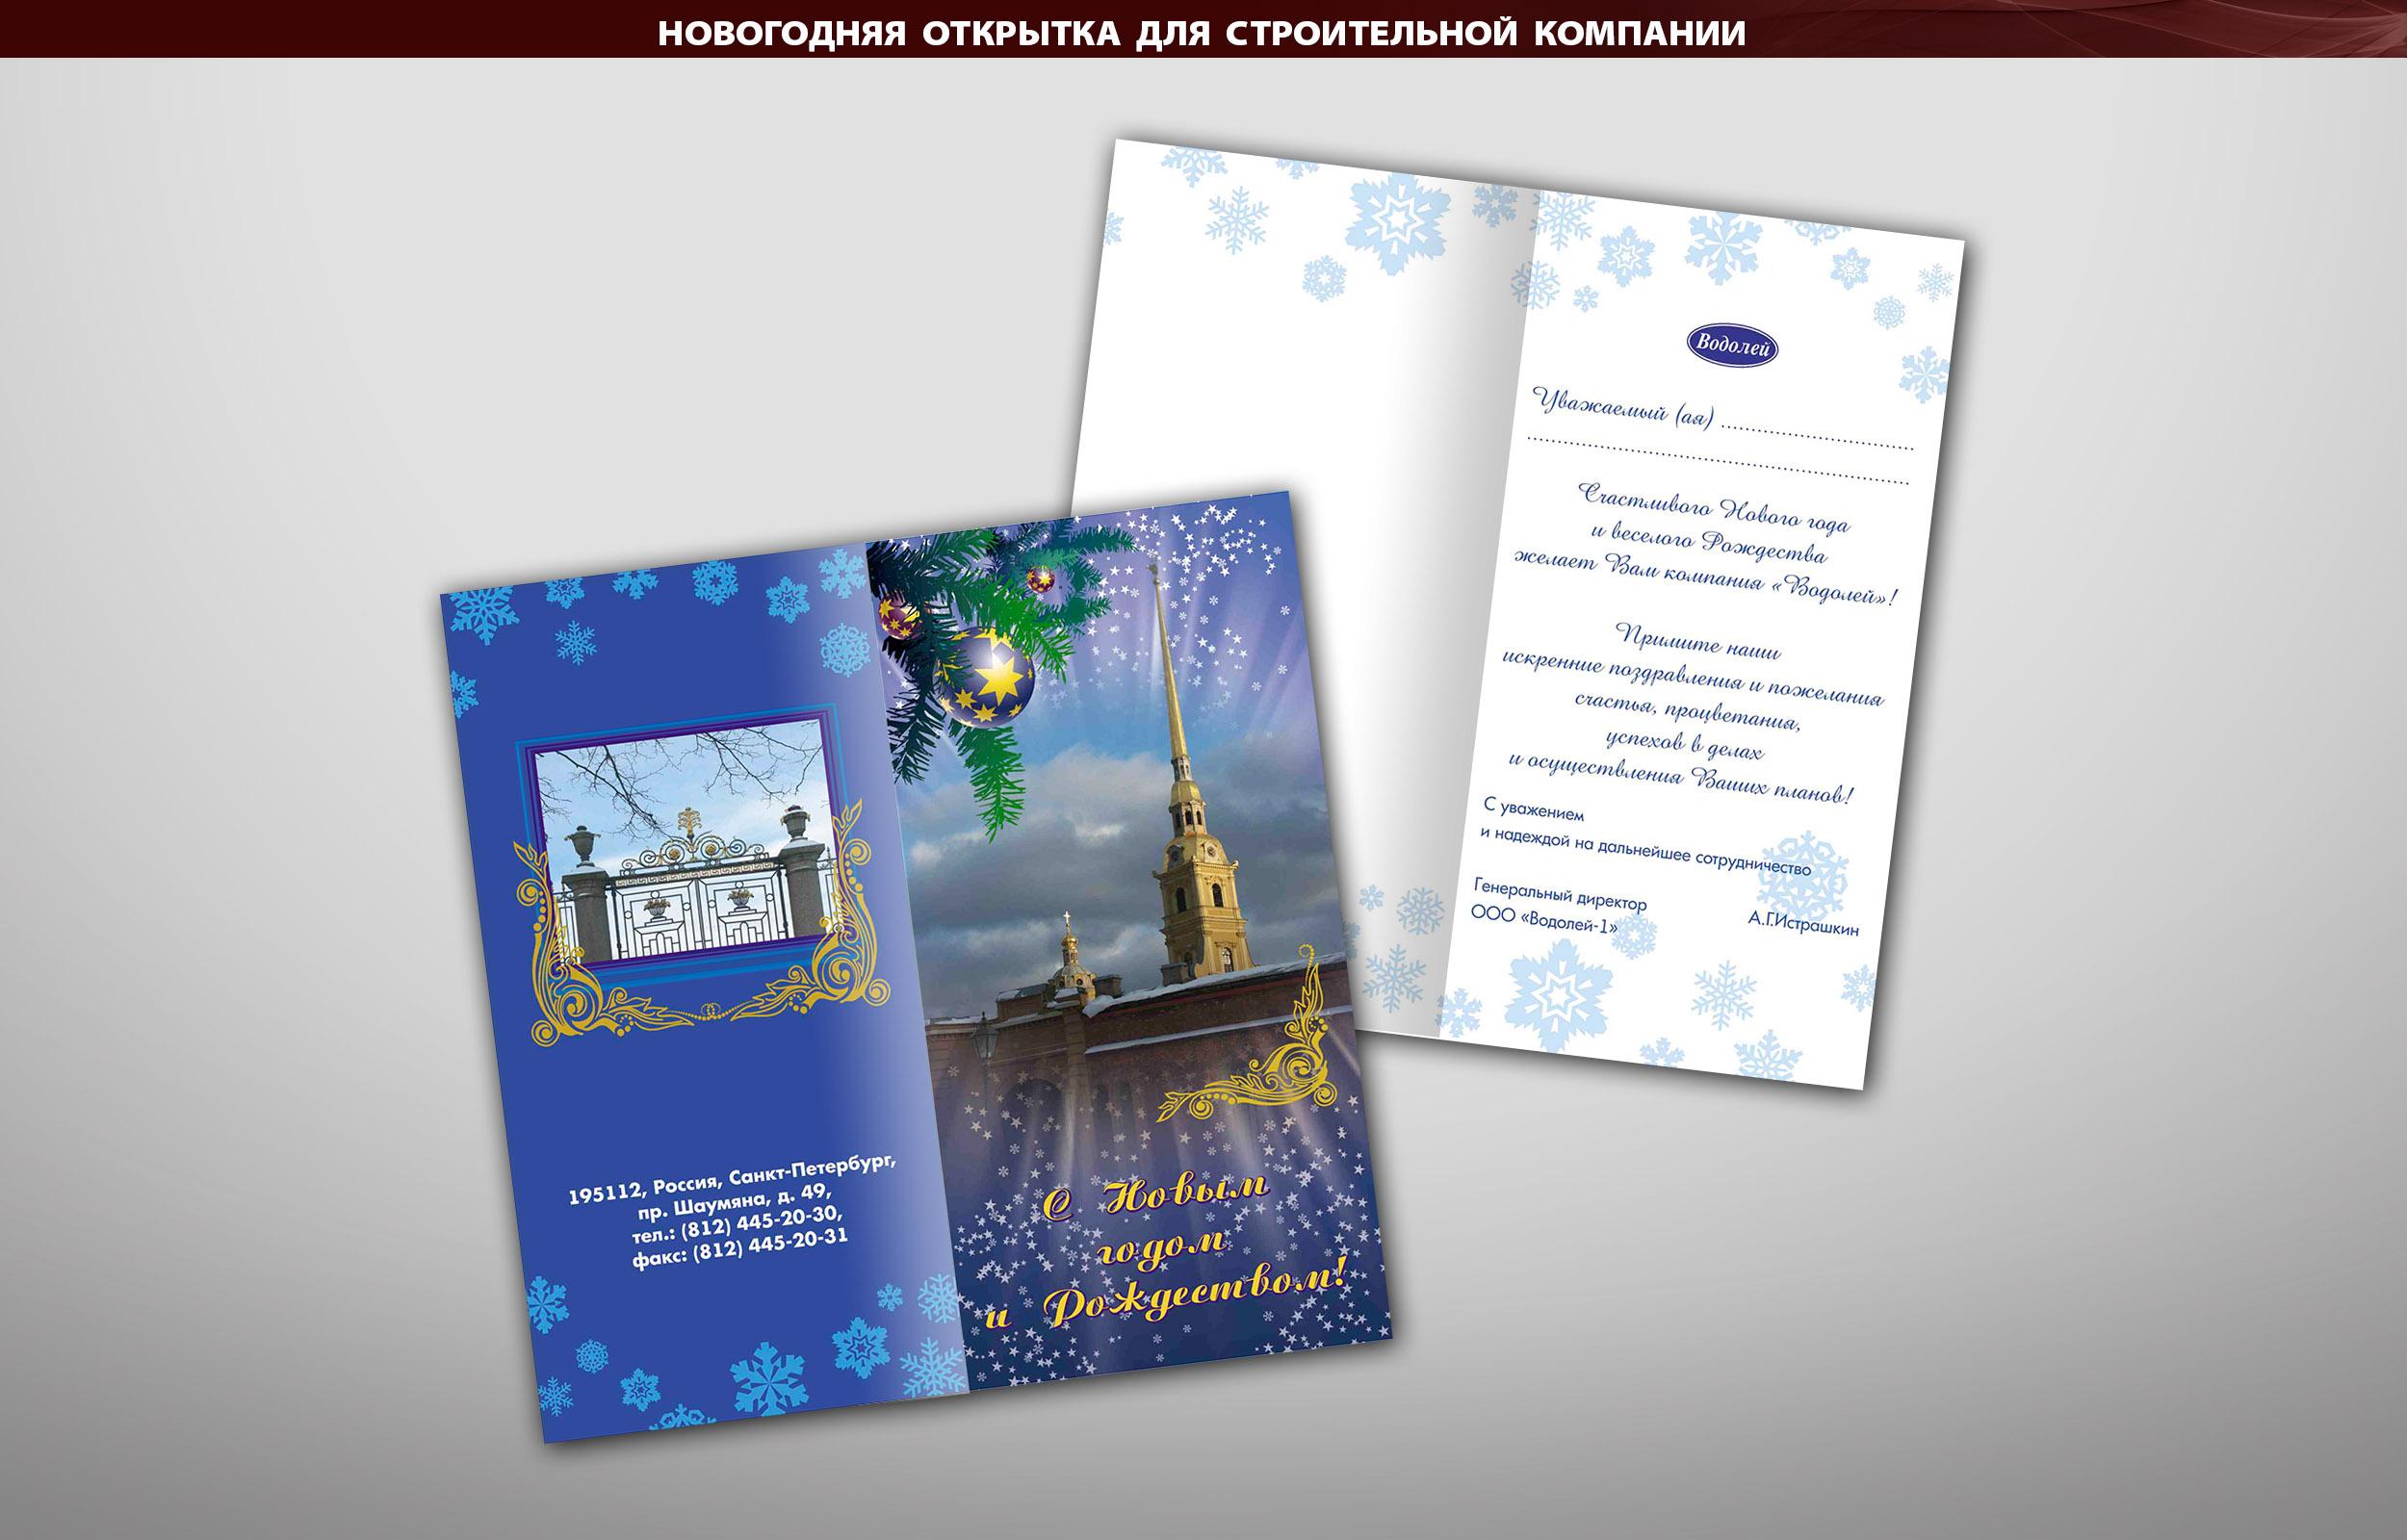 Новогодняя открытка для строительной компании